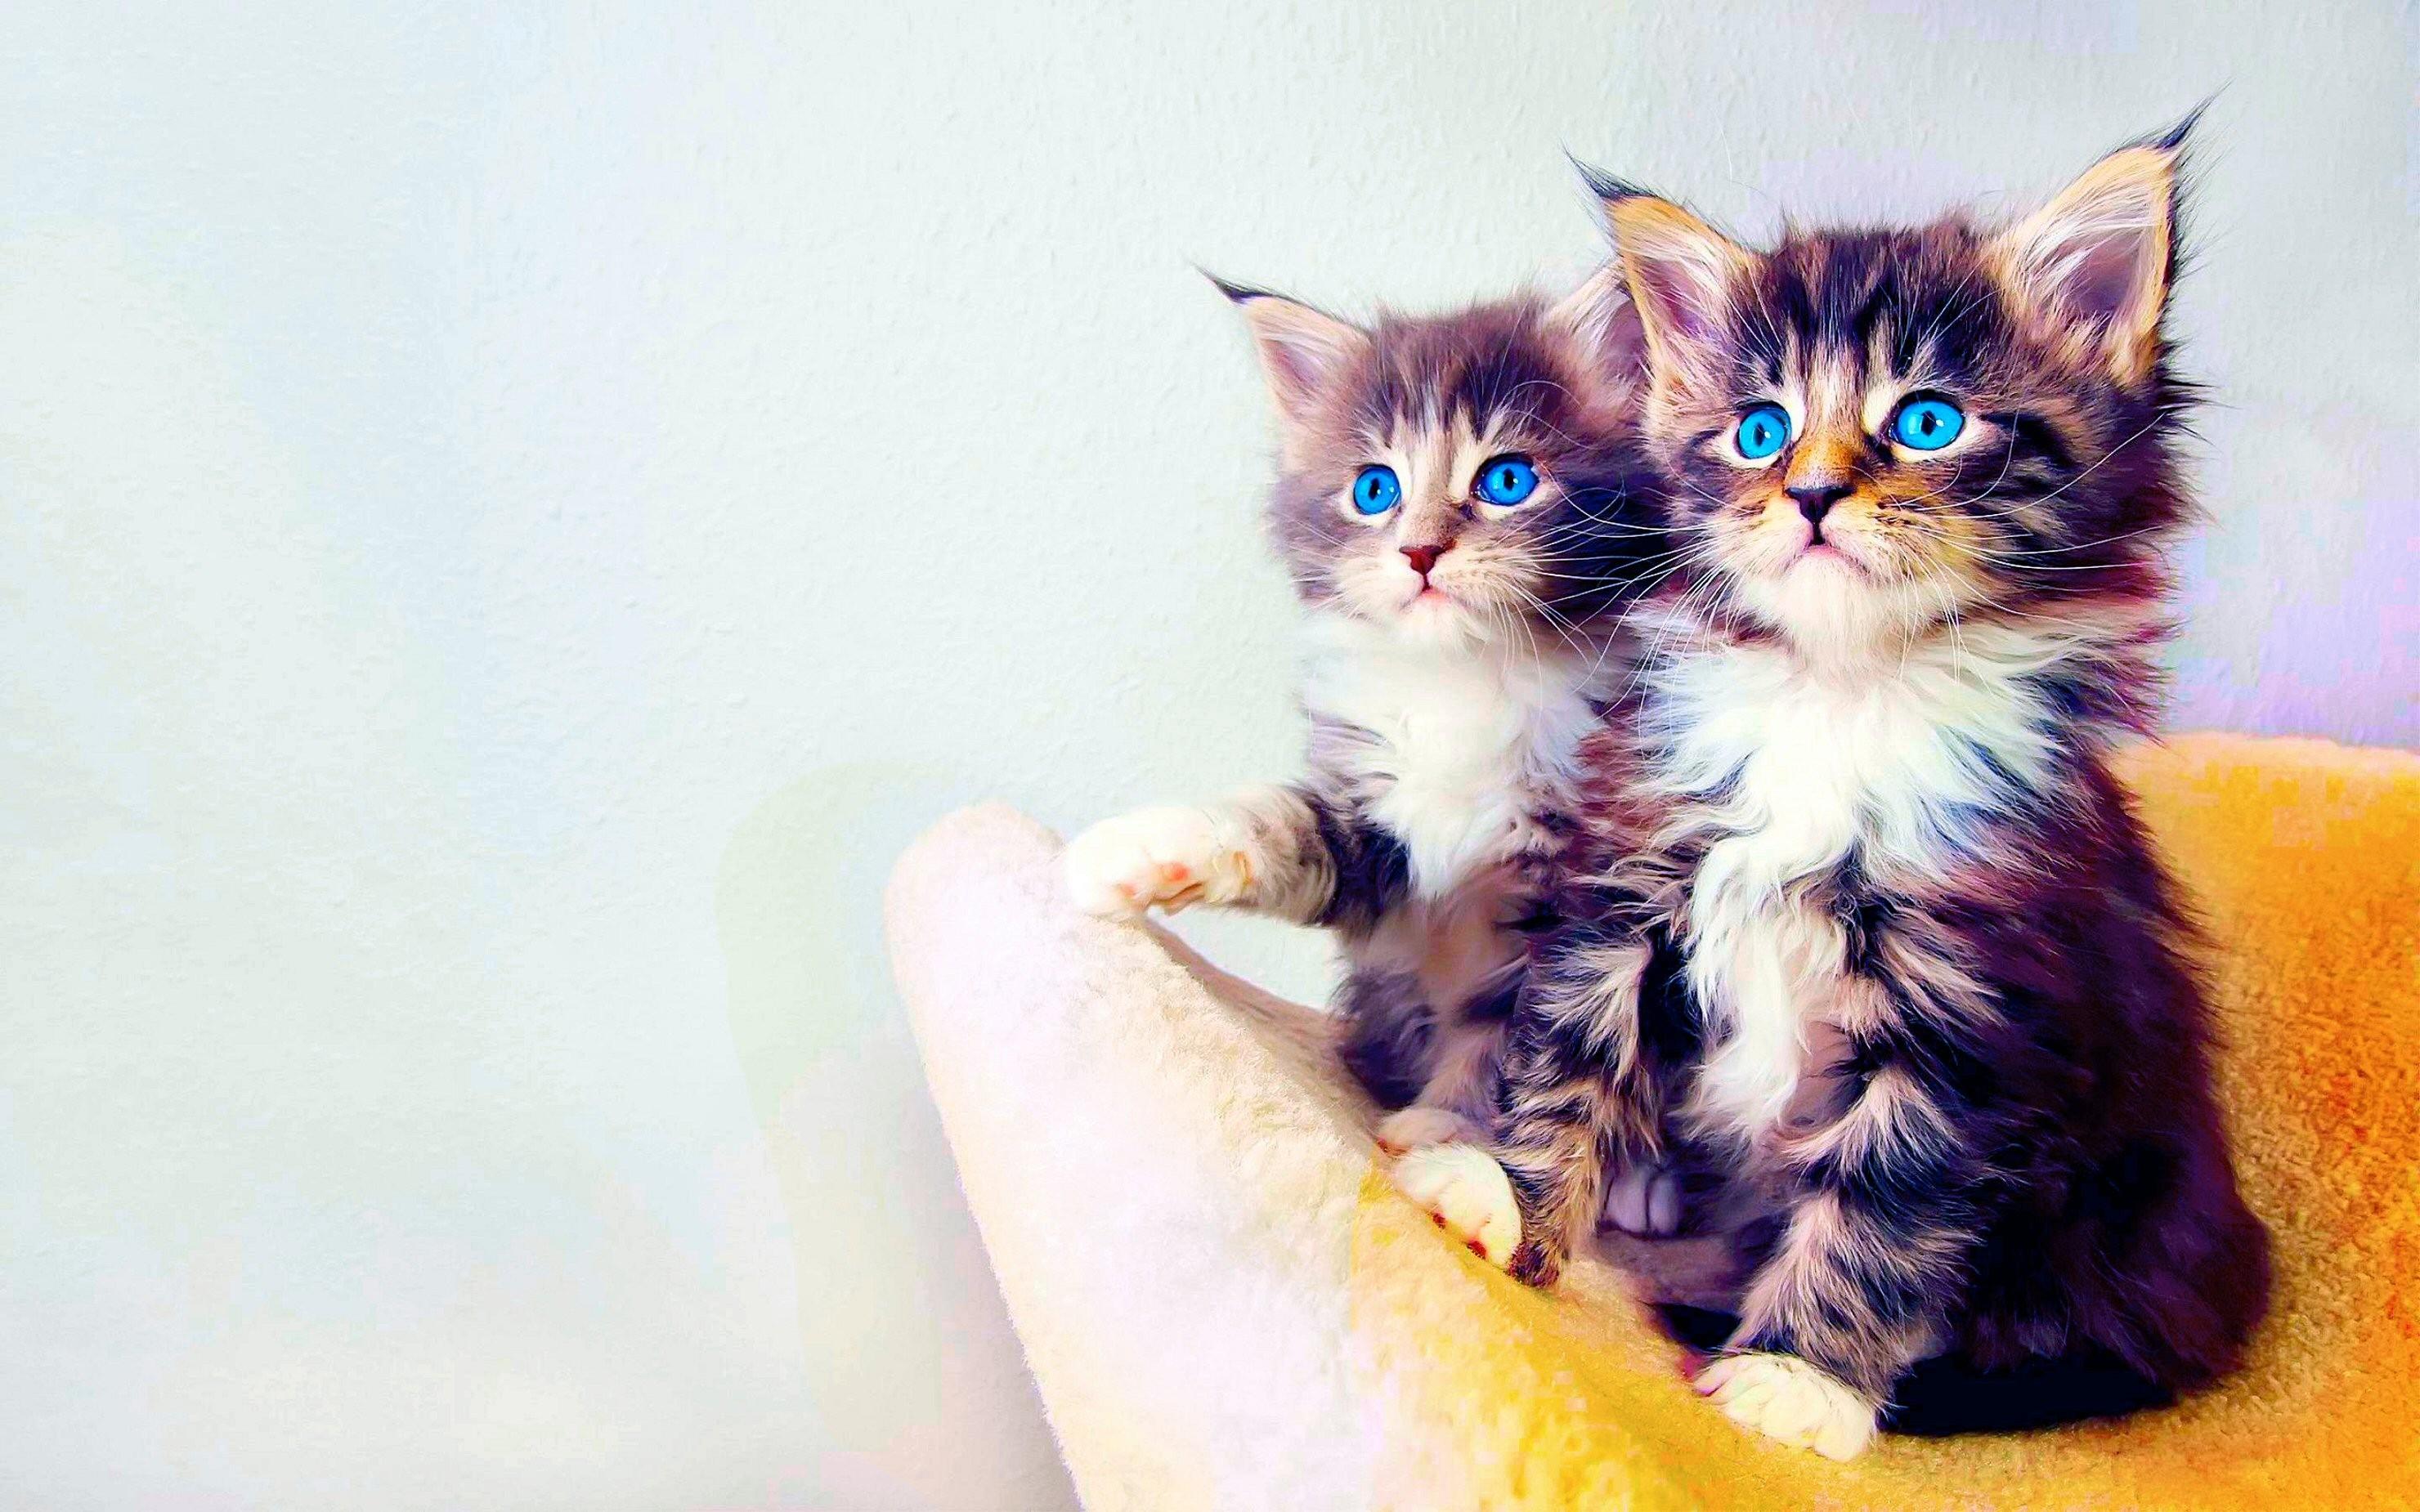 Tổng hợp hình nền mèo đáng yêu nhất